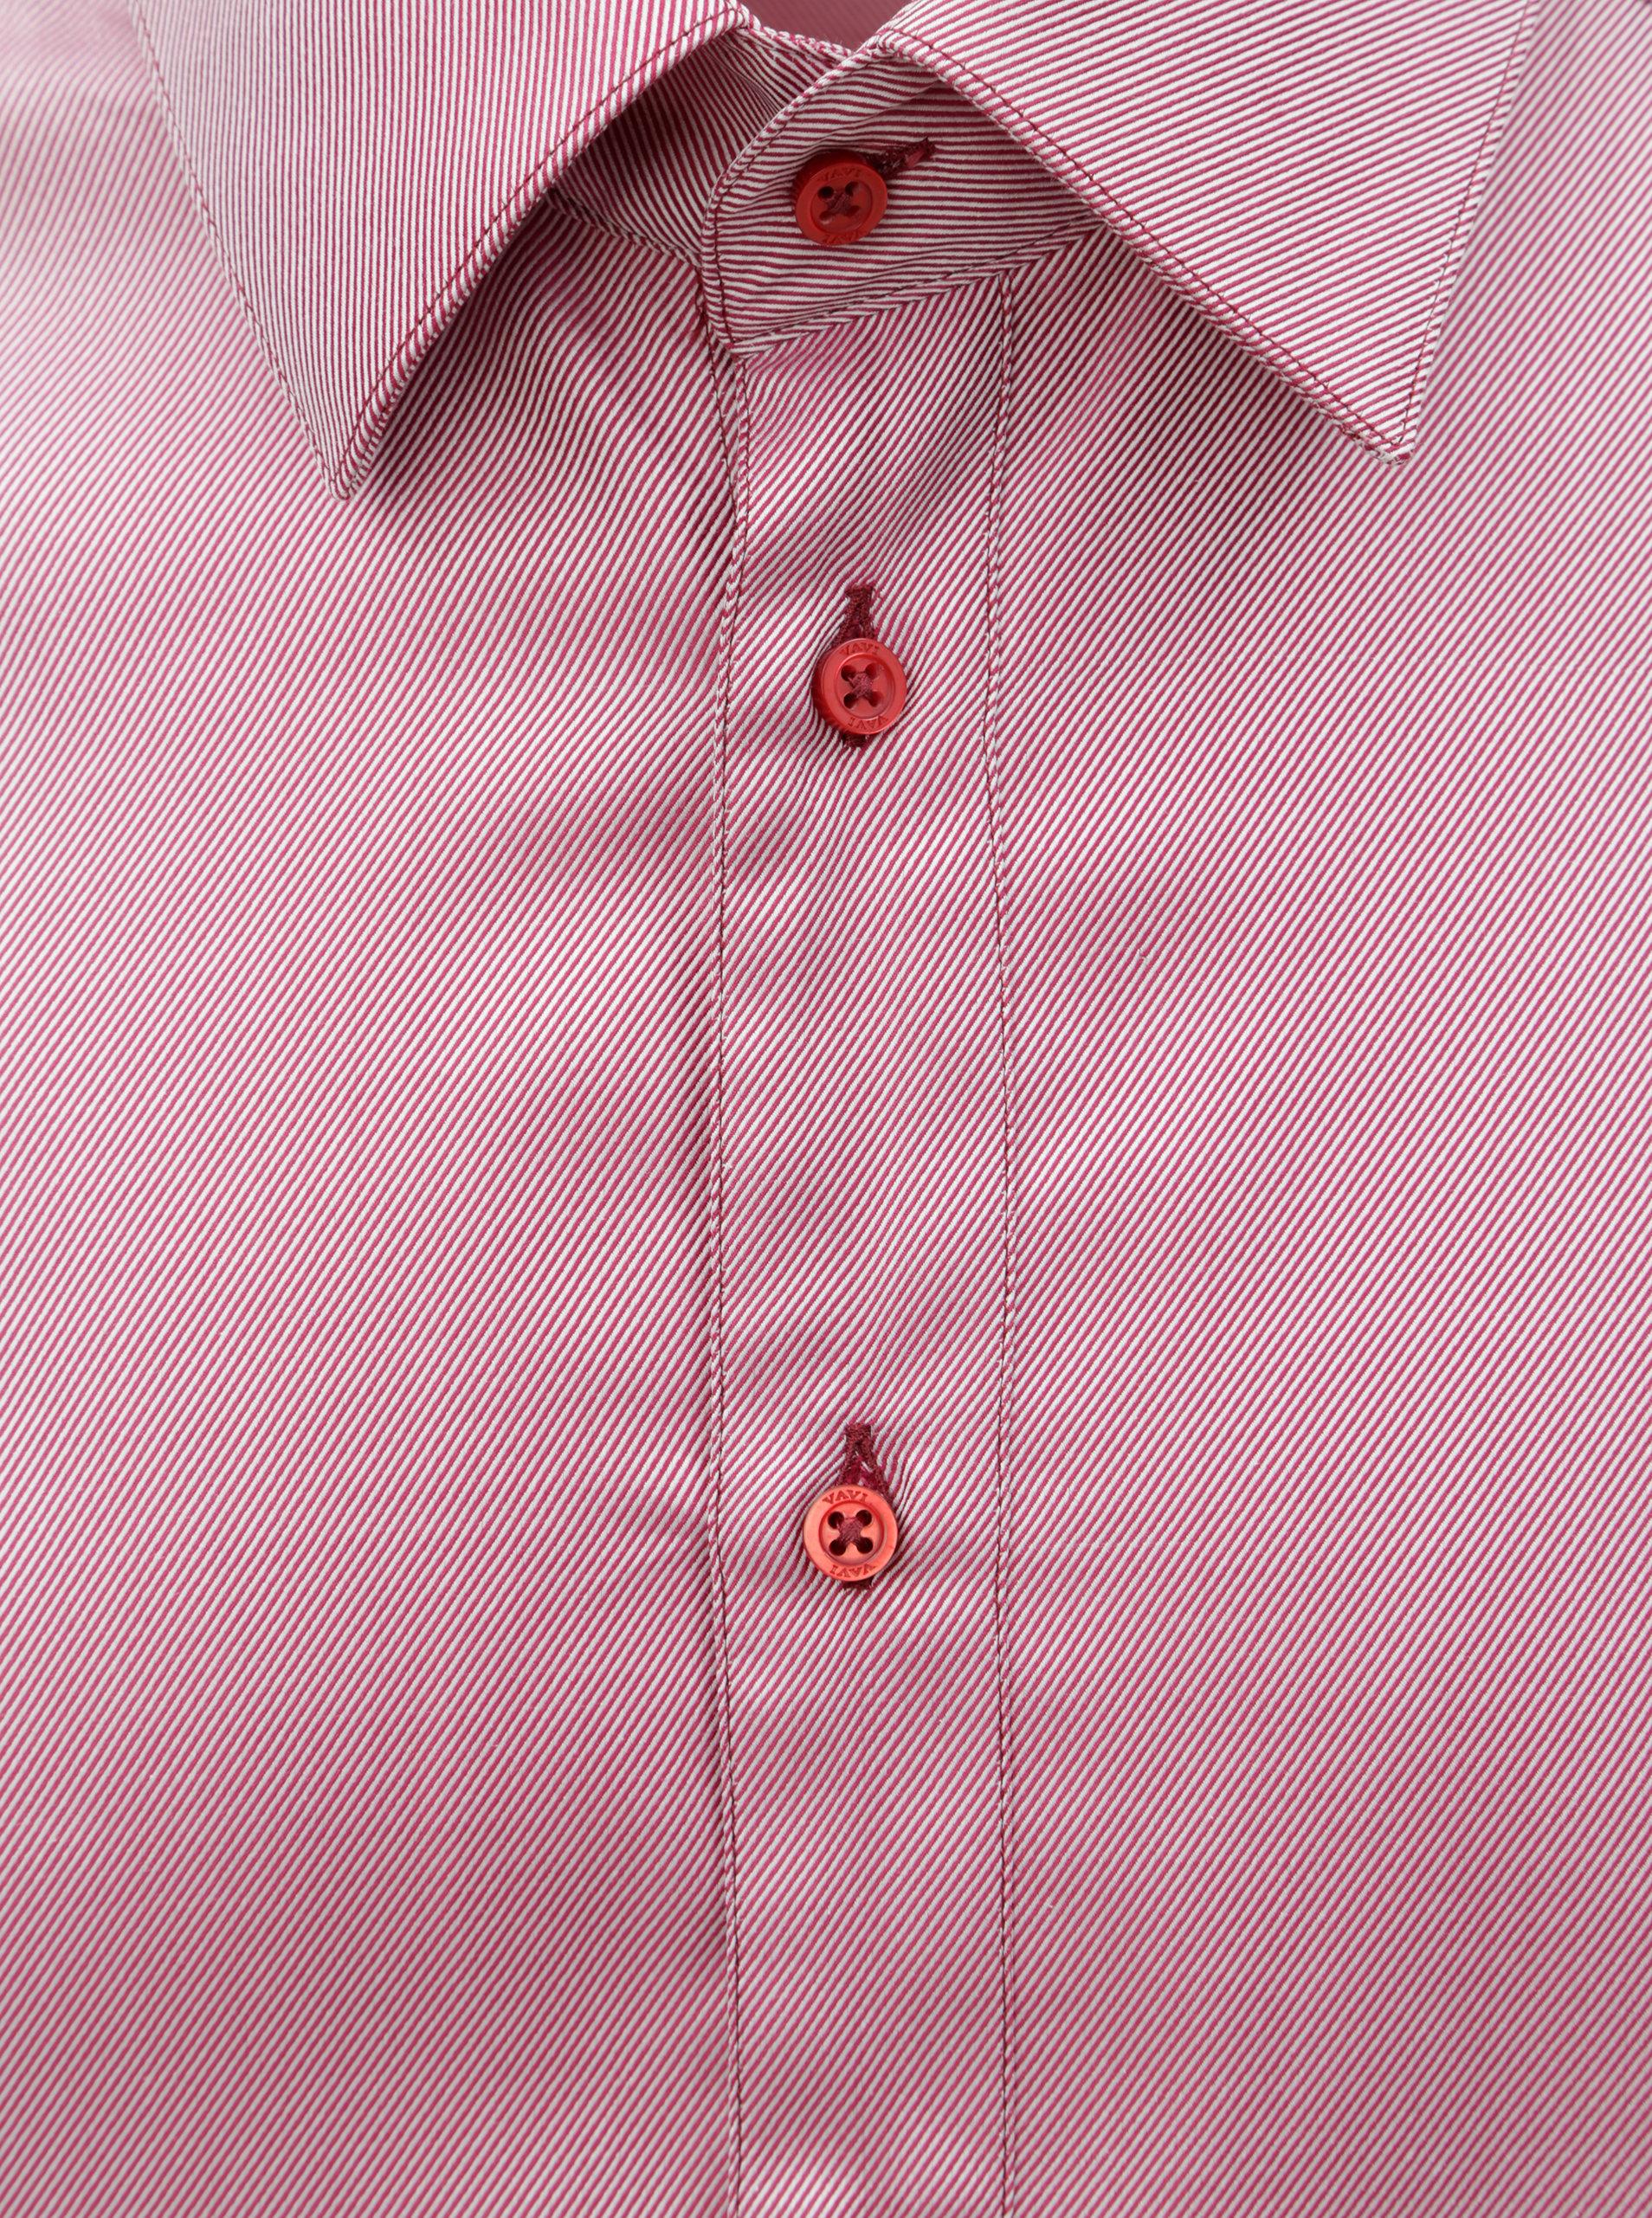 9bdef34f1401 Ružová pánska pruhovaná košeľa s dlhým rukávom VAVI ...